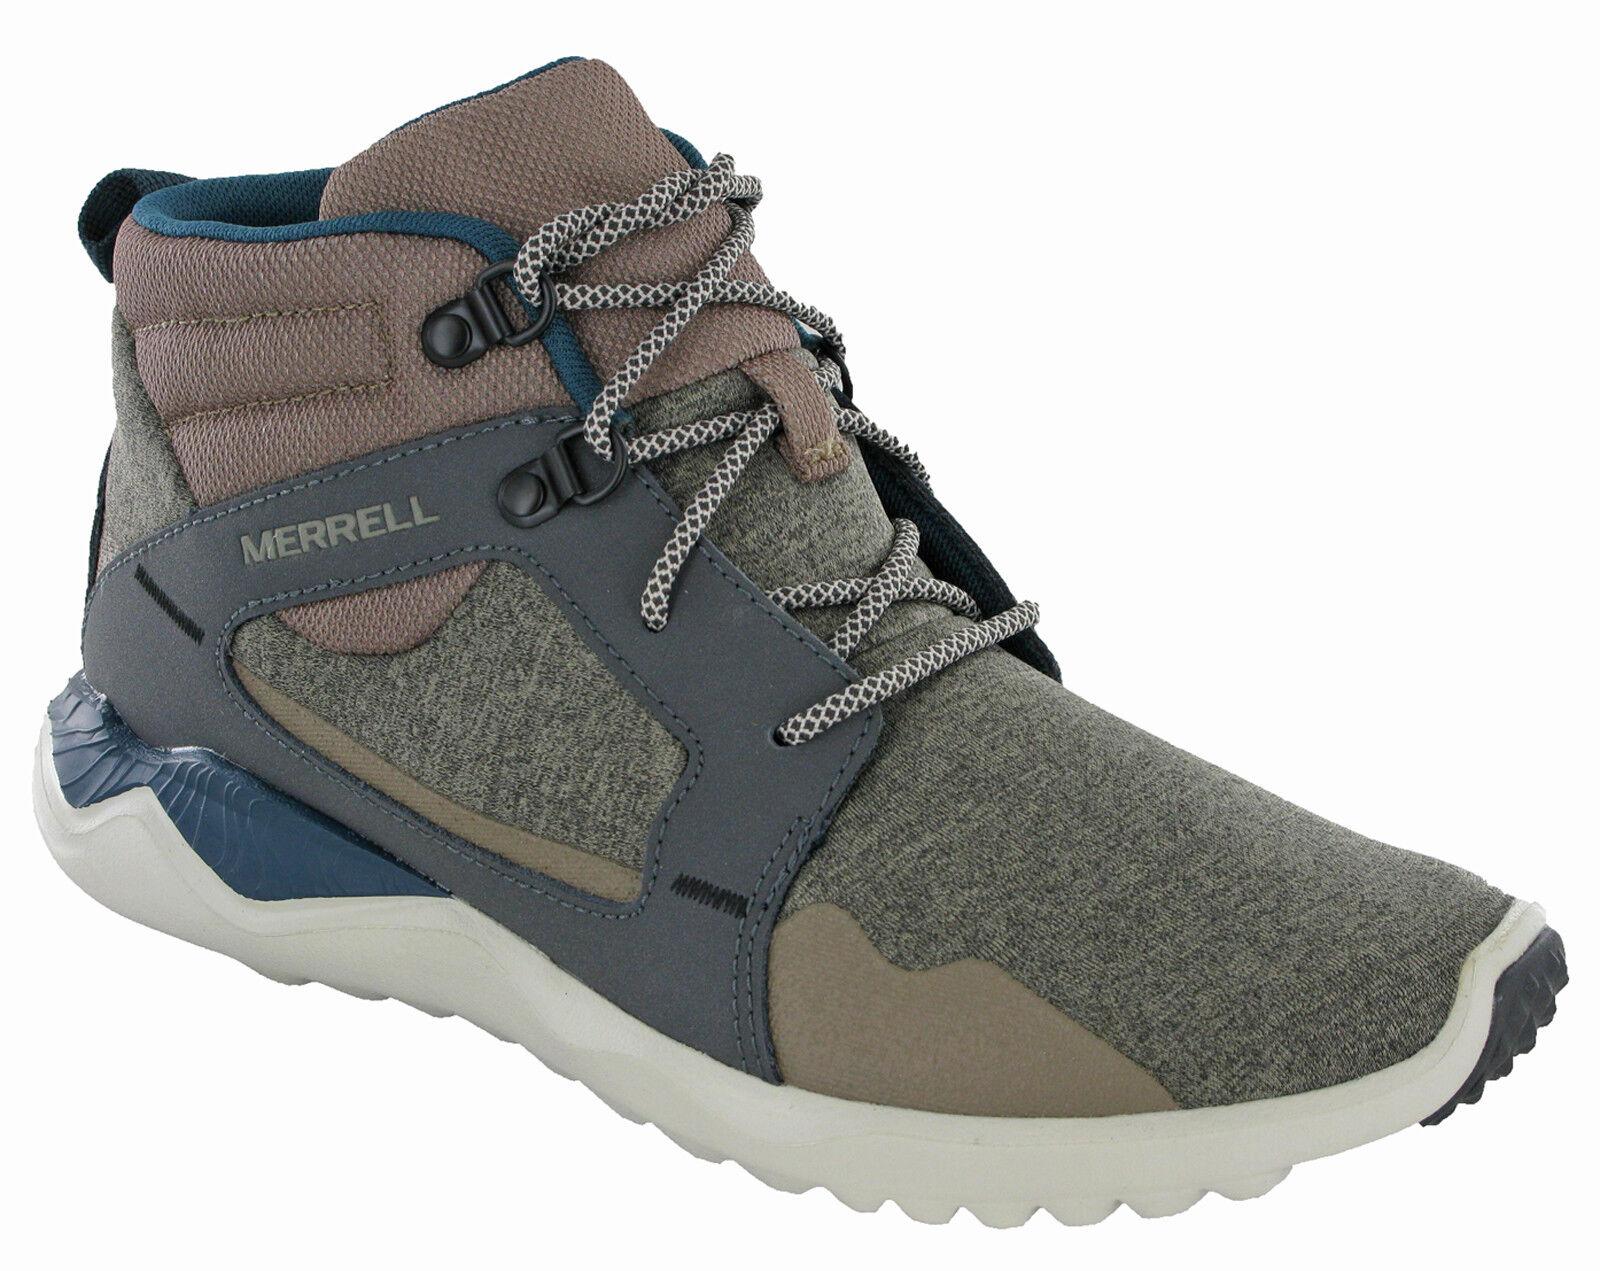 merrell lightweight walking boots